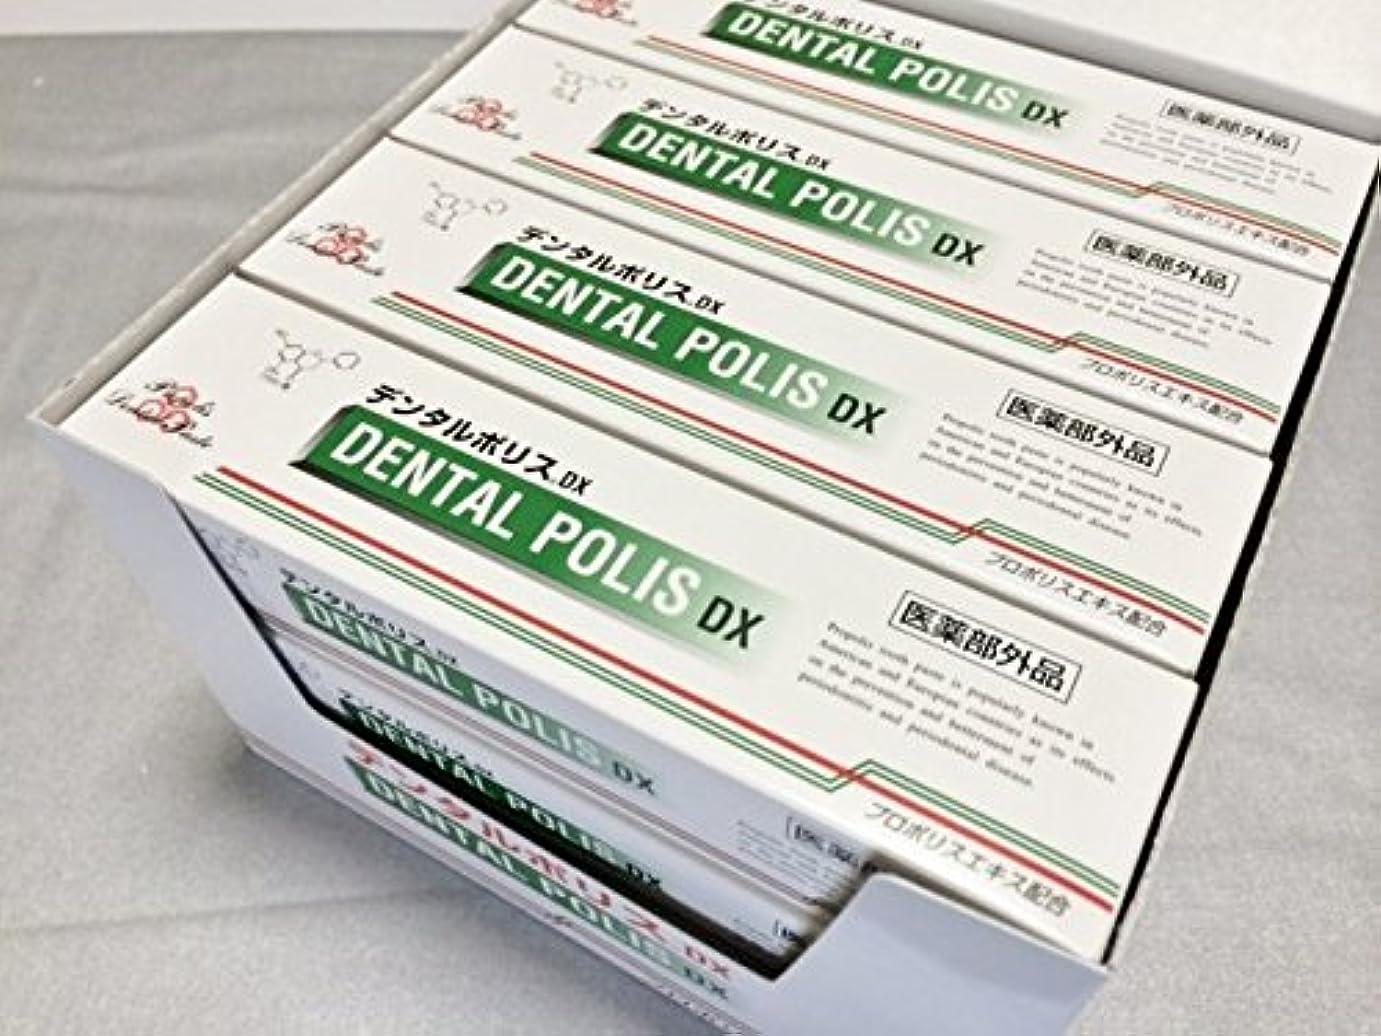 マニアスプレー休暇デンタルポリス DX 12本セット 医薬部外品